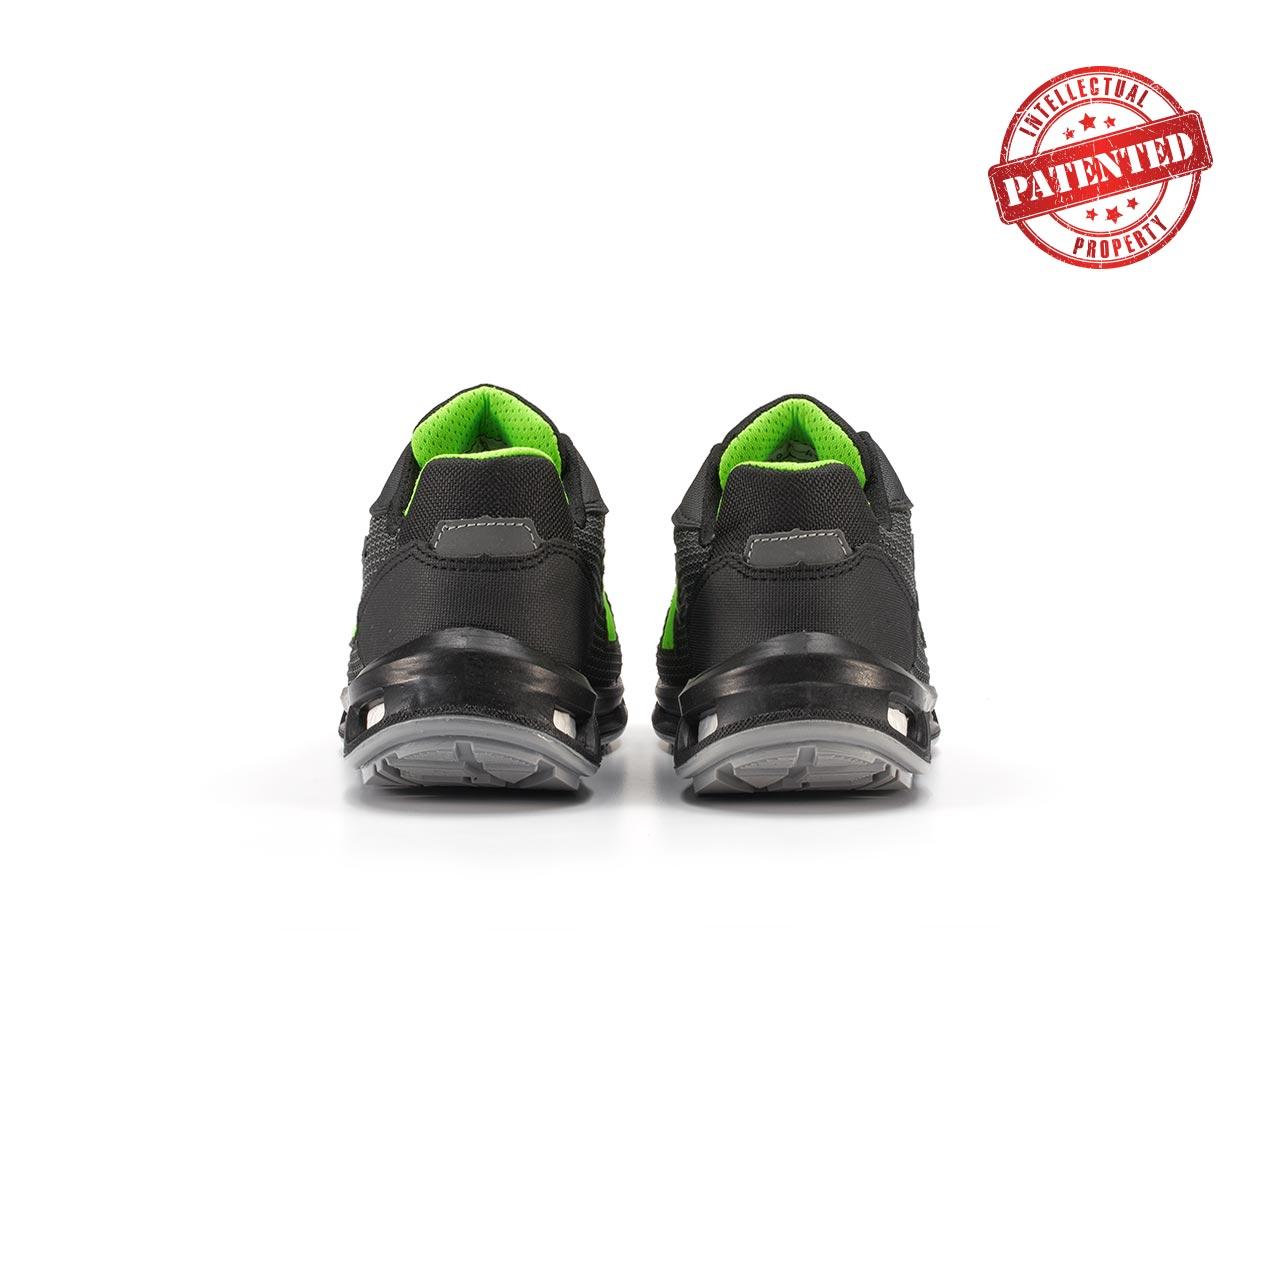 paio di scarpe antinfortunistiche upower modello strong linea redlion vista retro